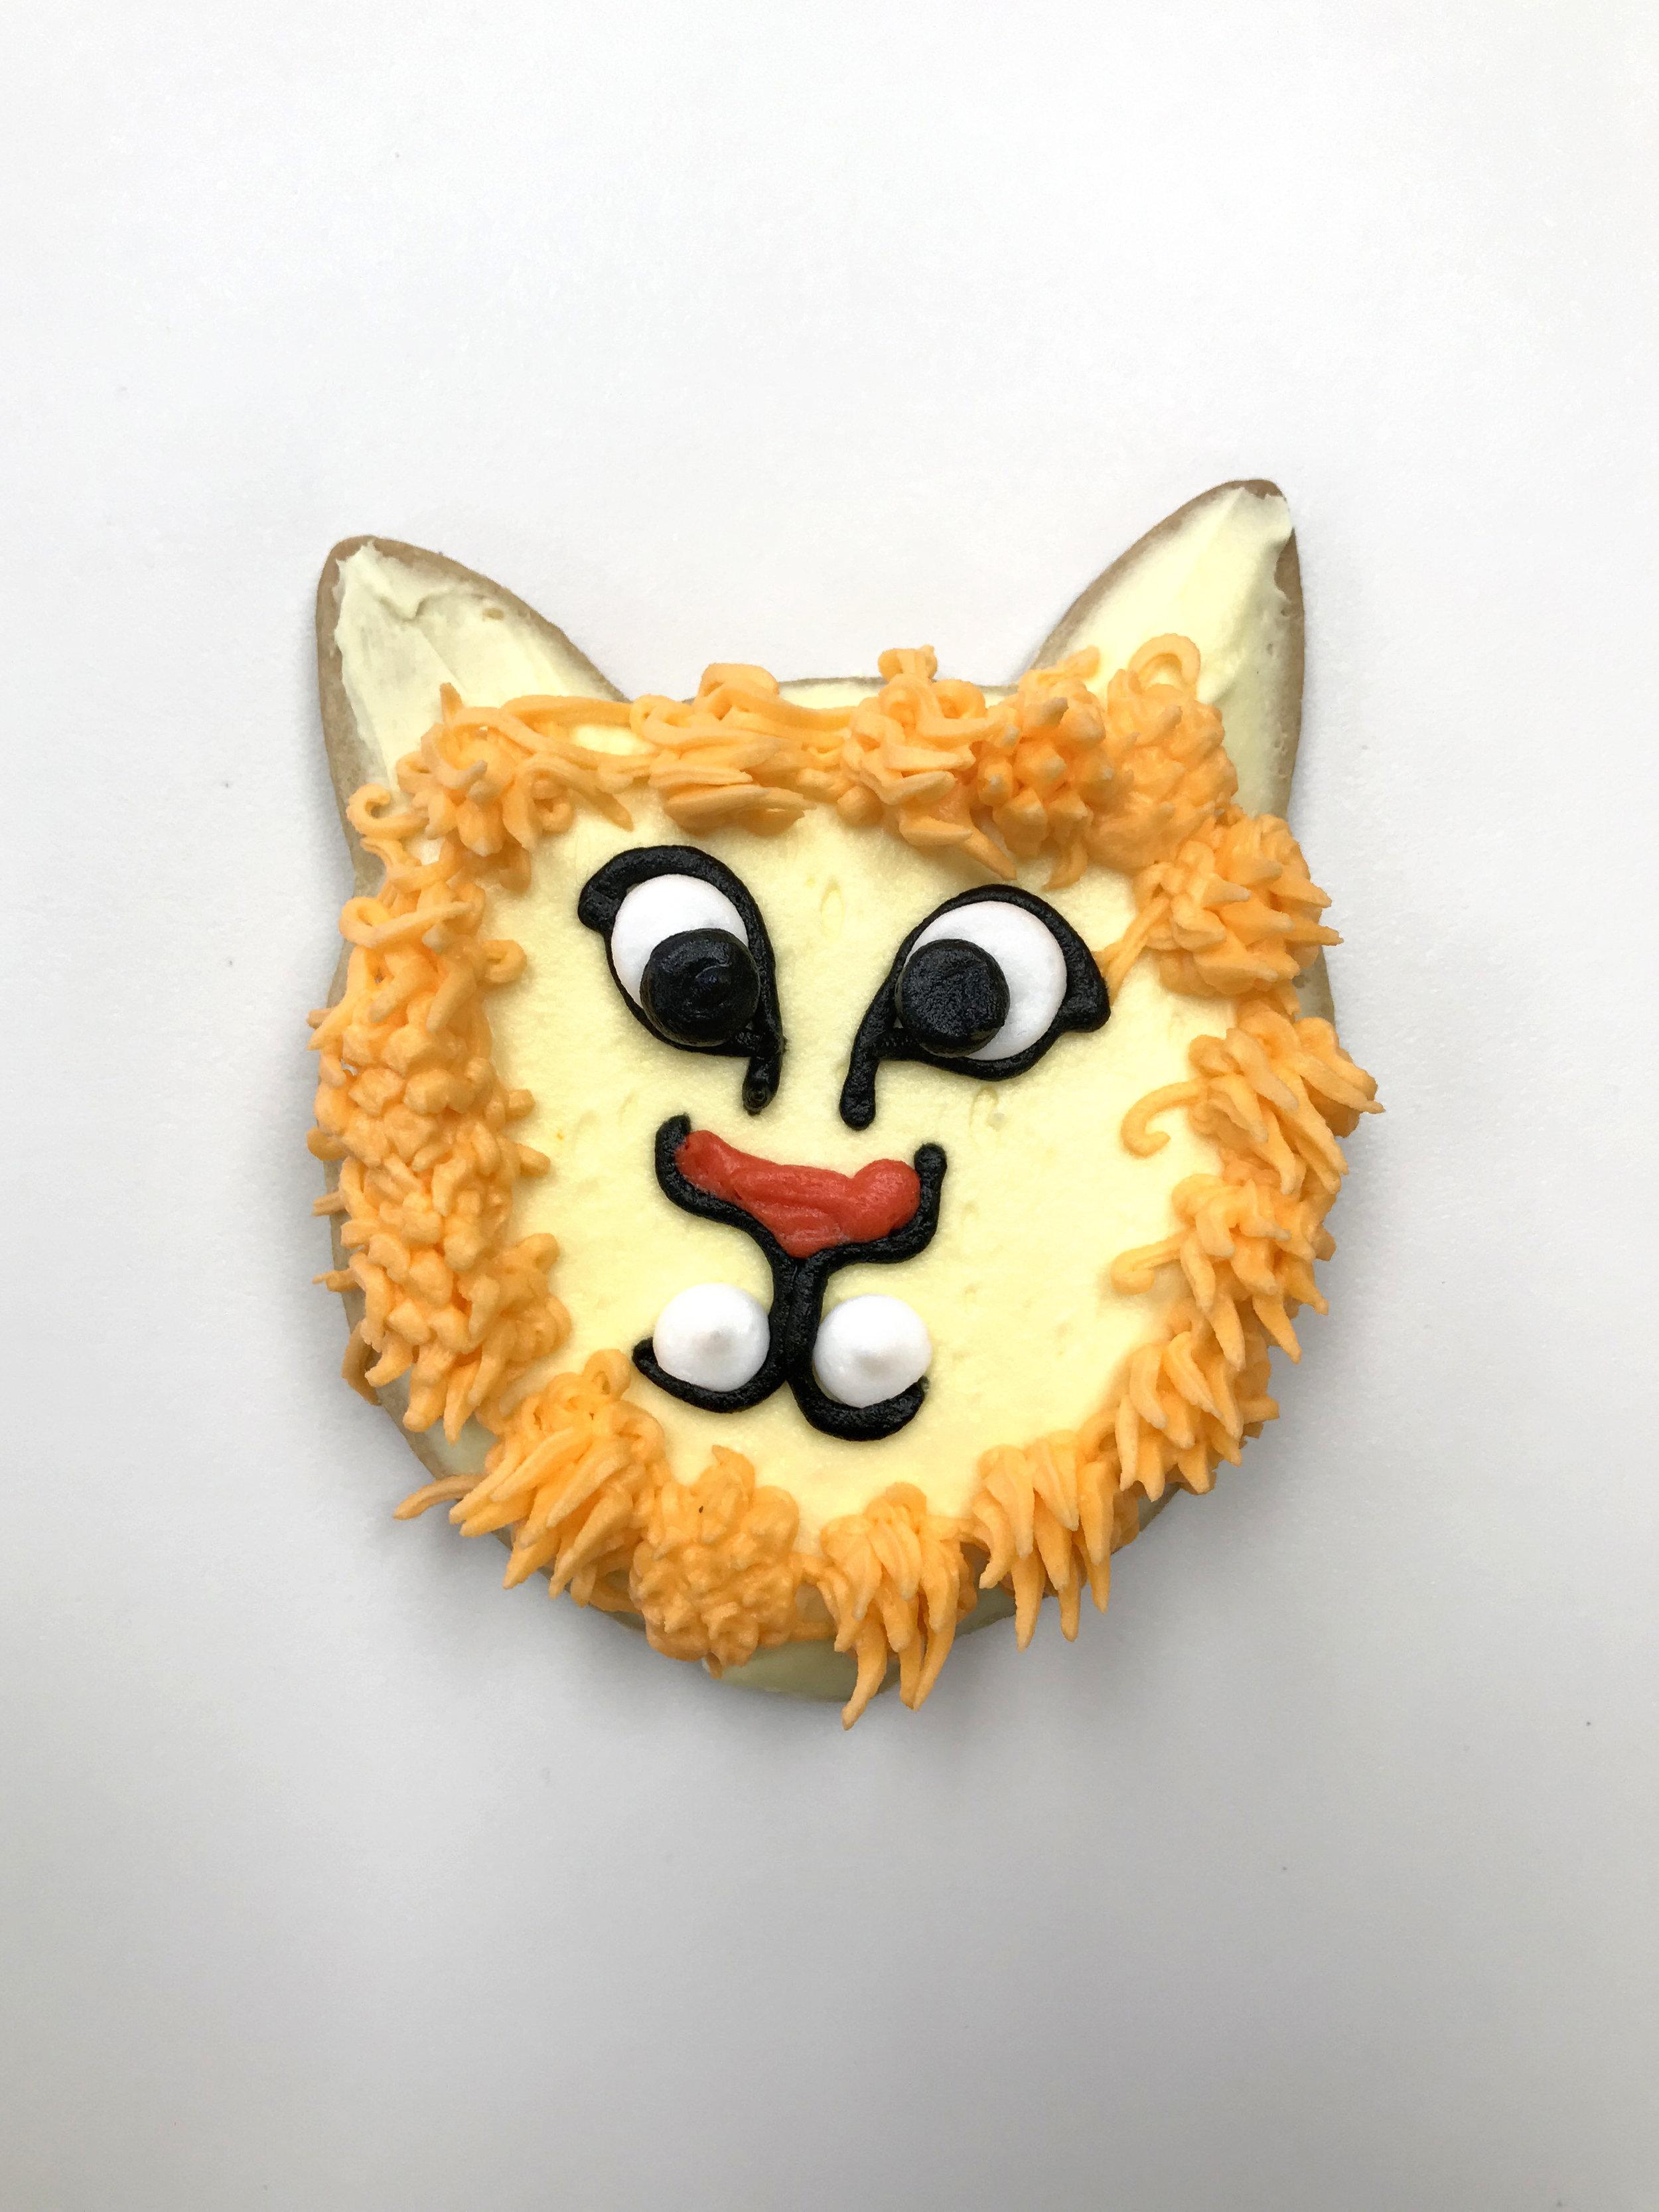 Lion Cutout Cookie